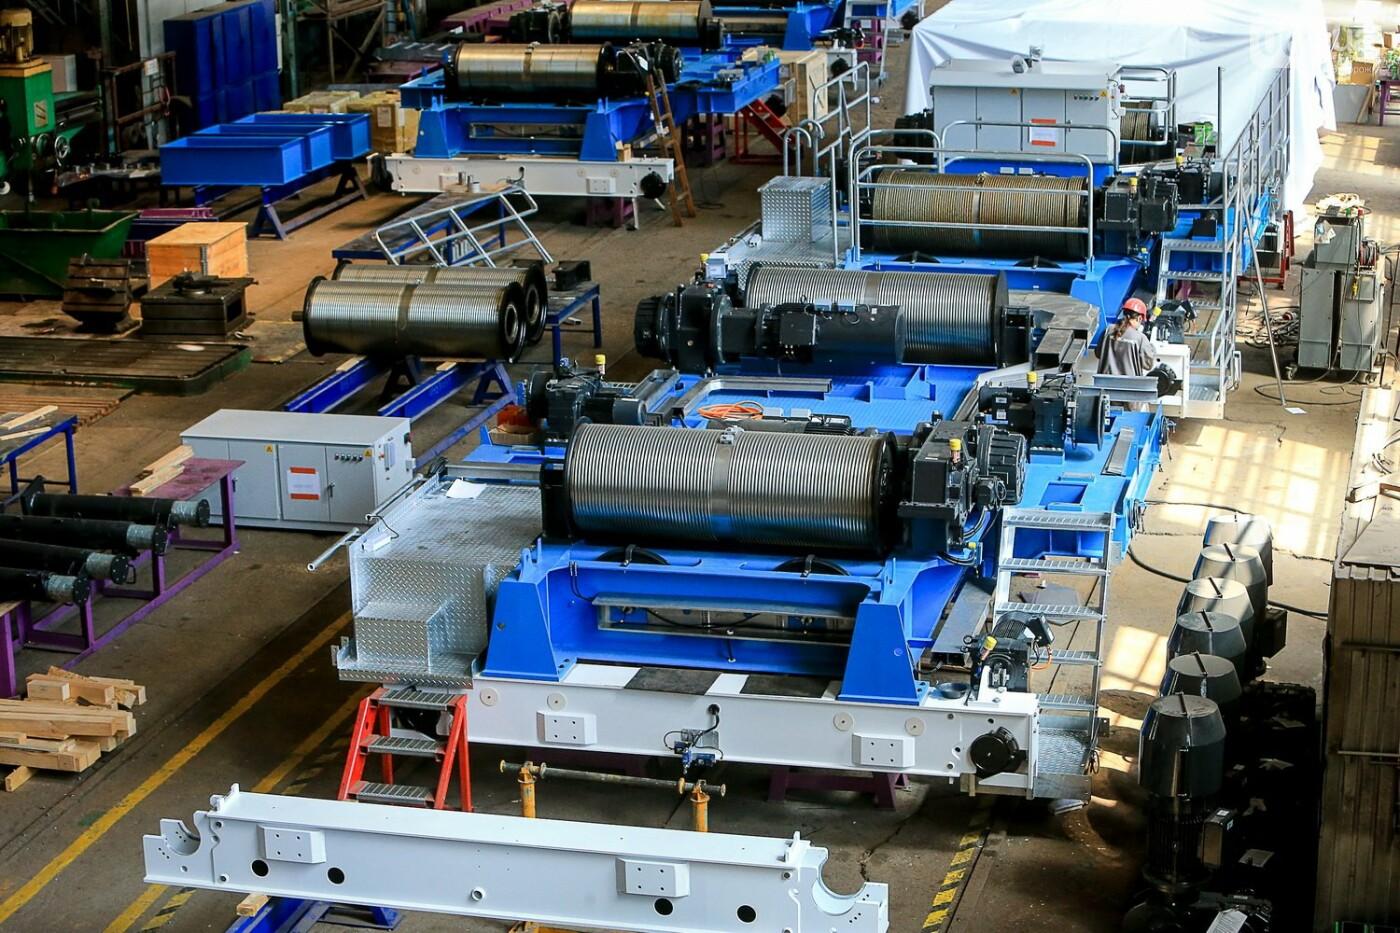 Как в Запорожье работает крупнейший в Европе завод по производству кранов: экскурсия на производство, — ФОТОРЕПОРТАЖ, фото-58